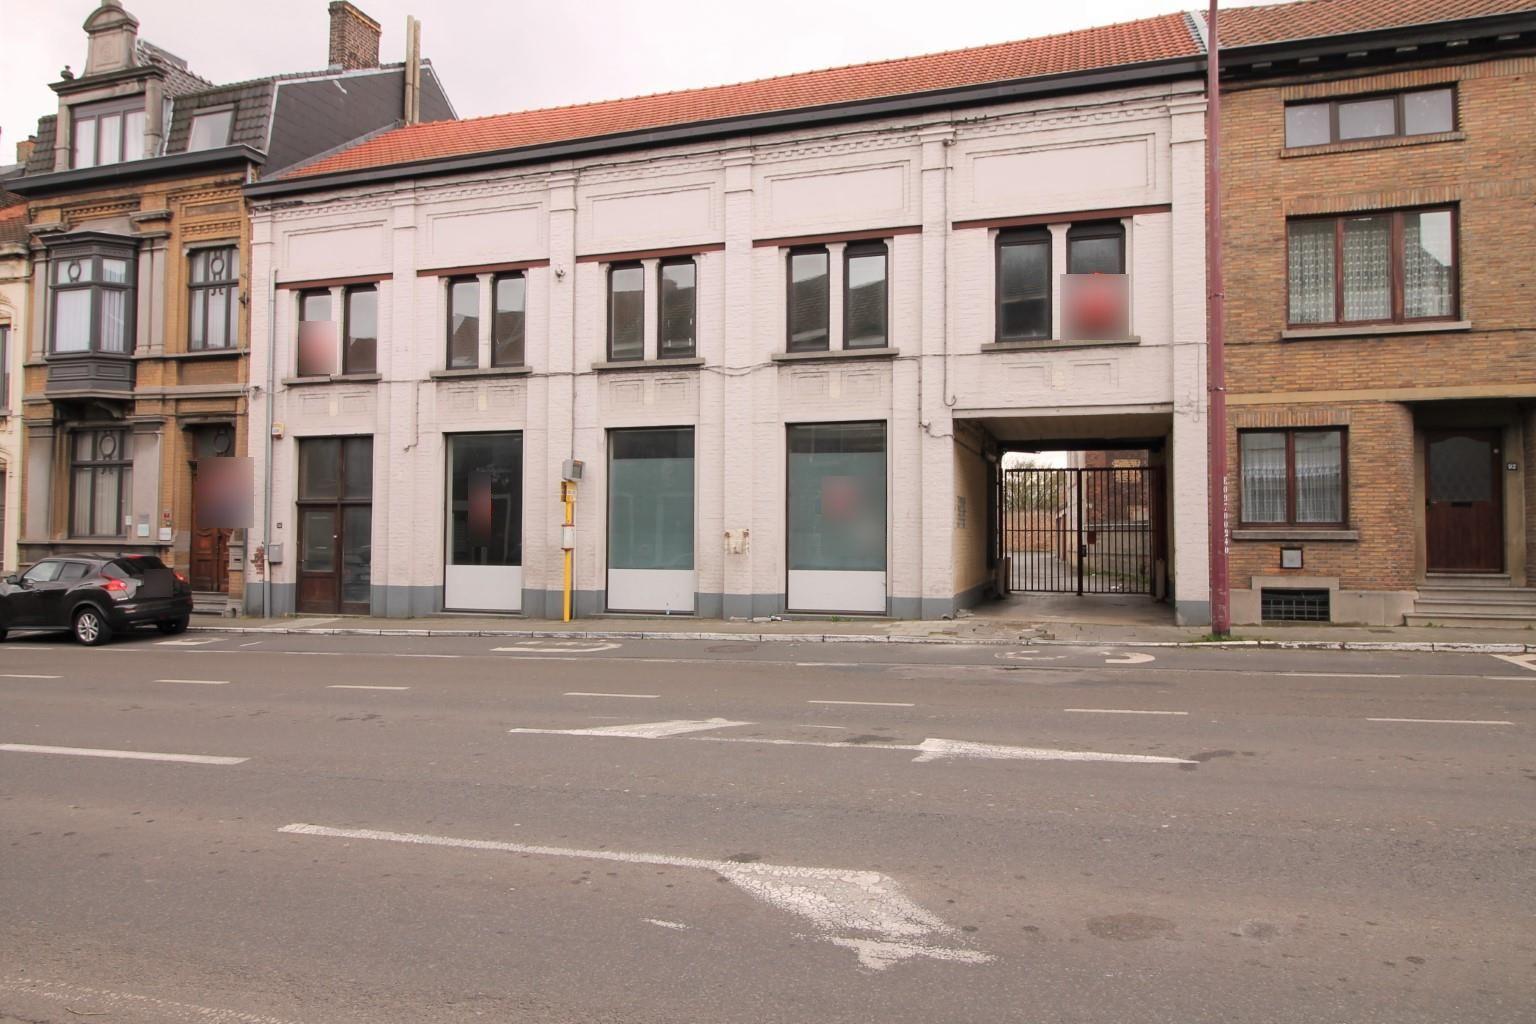 Vente Immeuble commercial avec parking pour profession libérale ou médicale à Charleroi